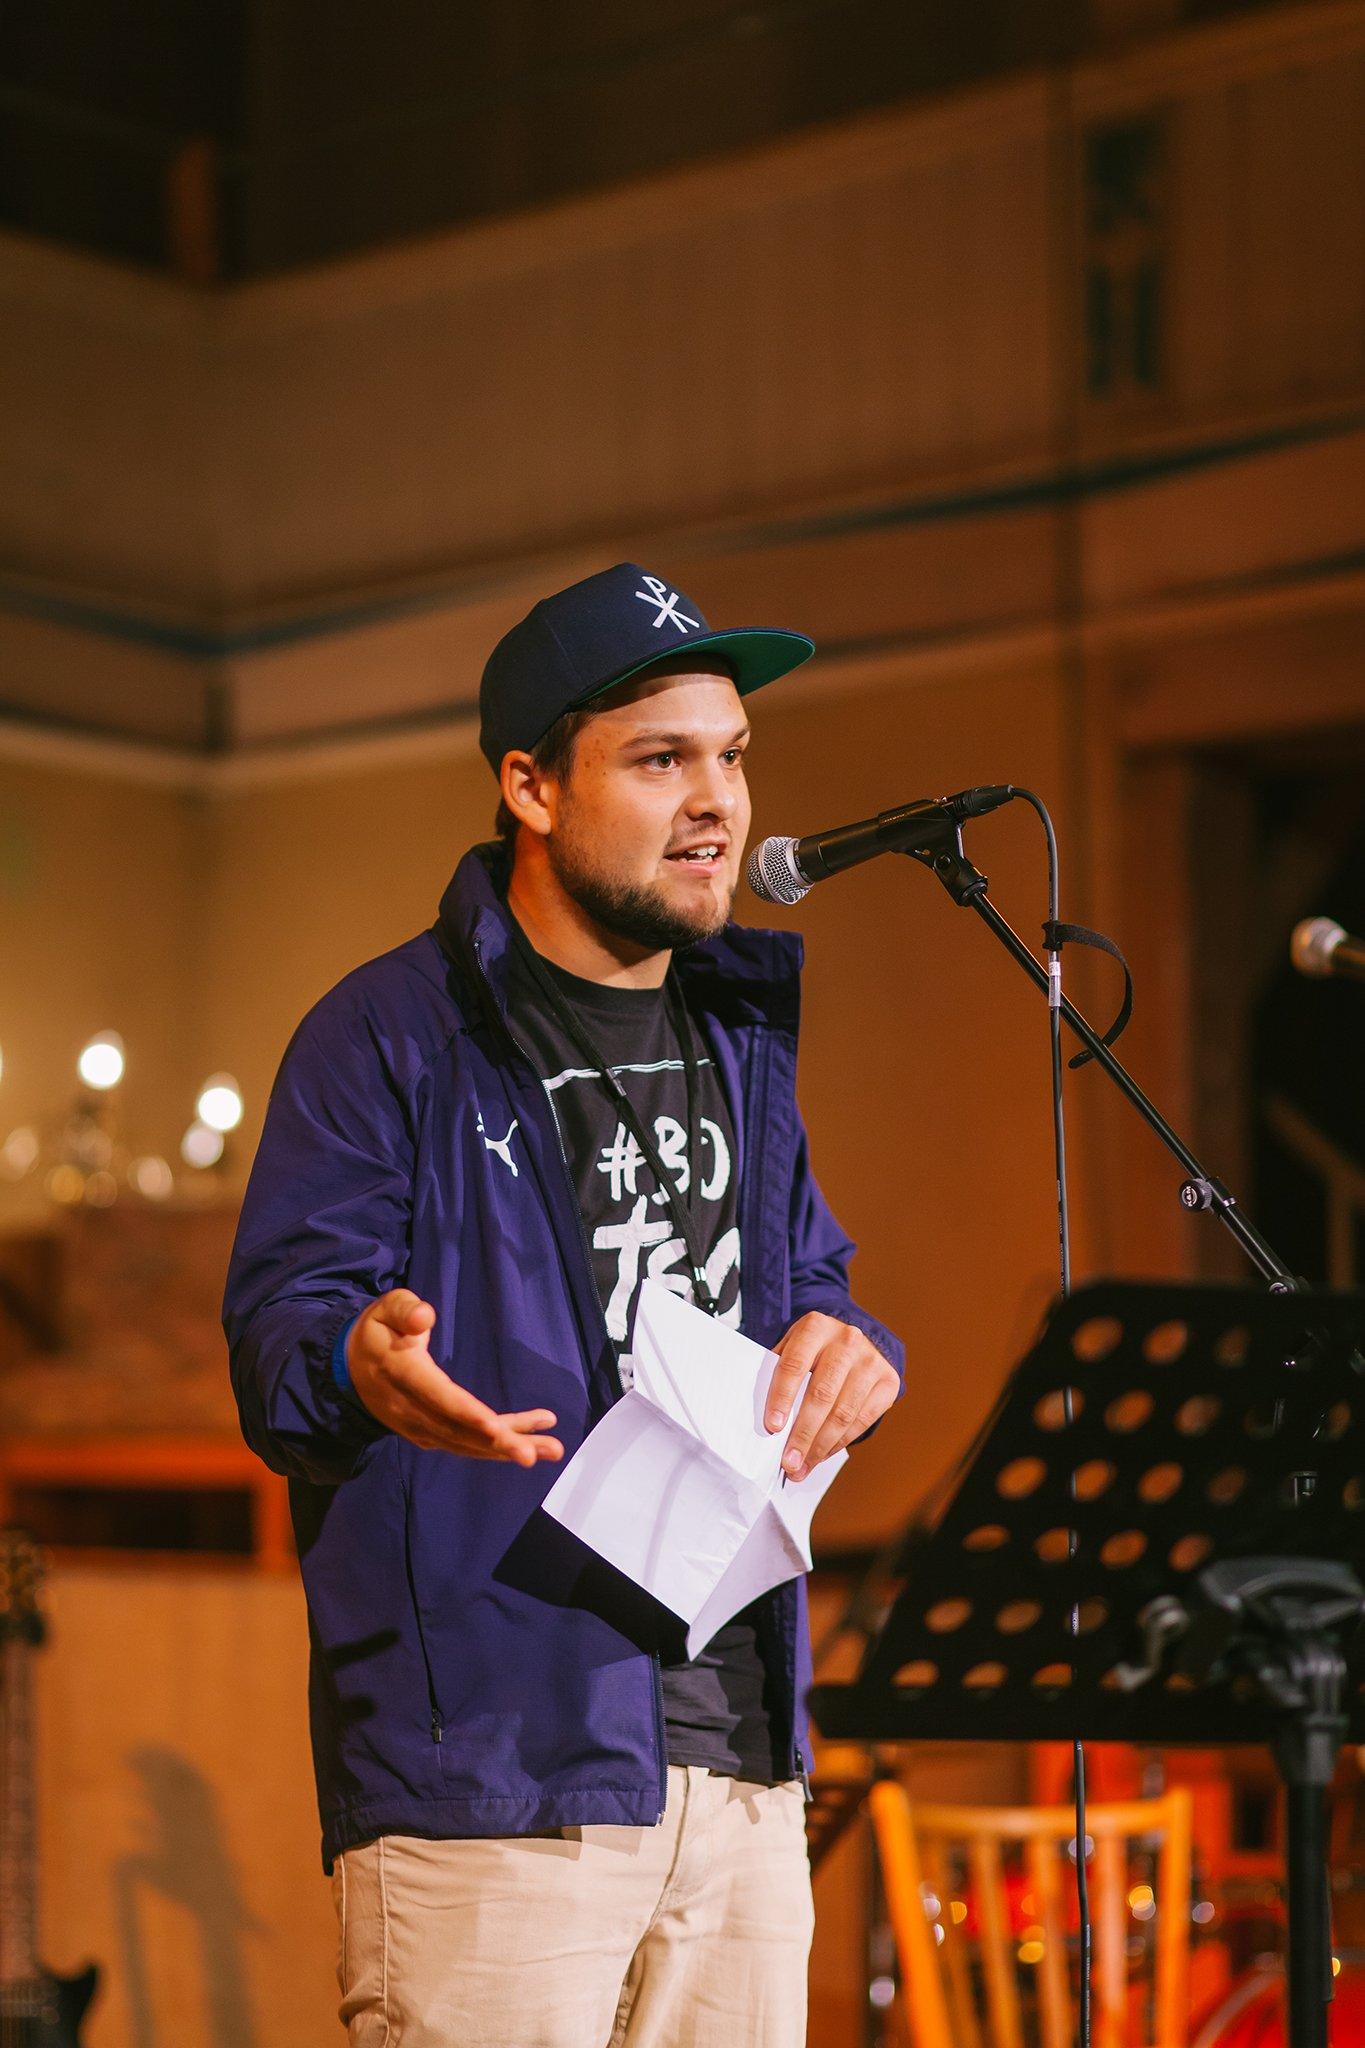 Eben-Ezer-Sessions am 18.10.2019: Lukas Knierim beim Poetry-Slam (Foto: Knut Burmeister, ALLTAG)